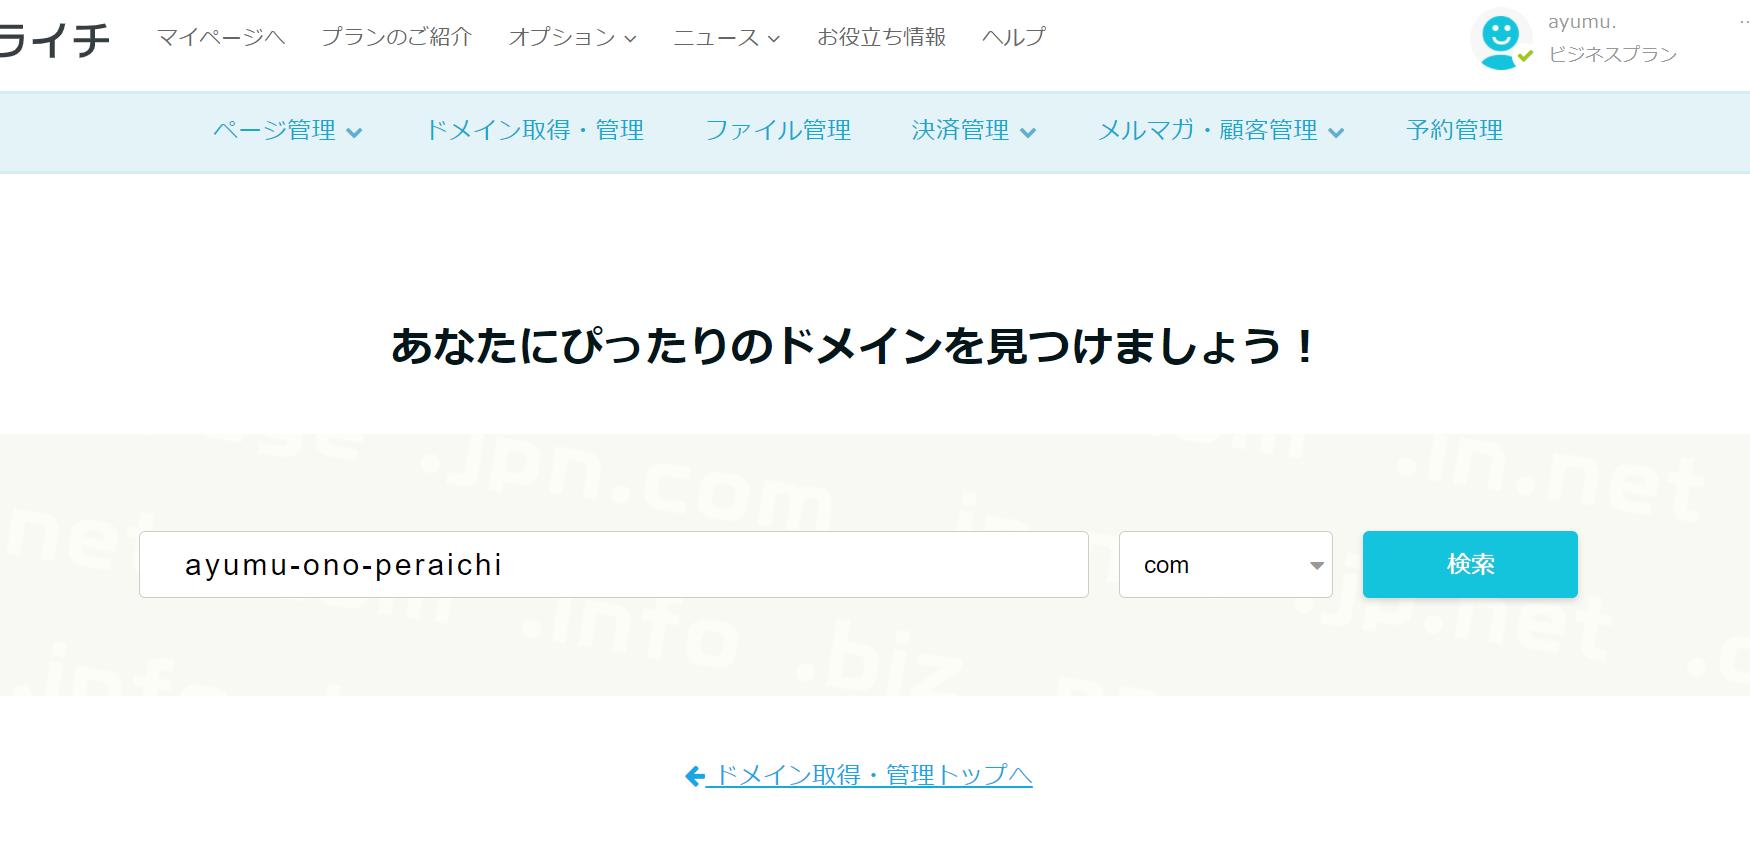 希望のドメイン名とトップレベルドメイン(.comなど)を選択して「検索」をクリック